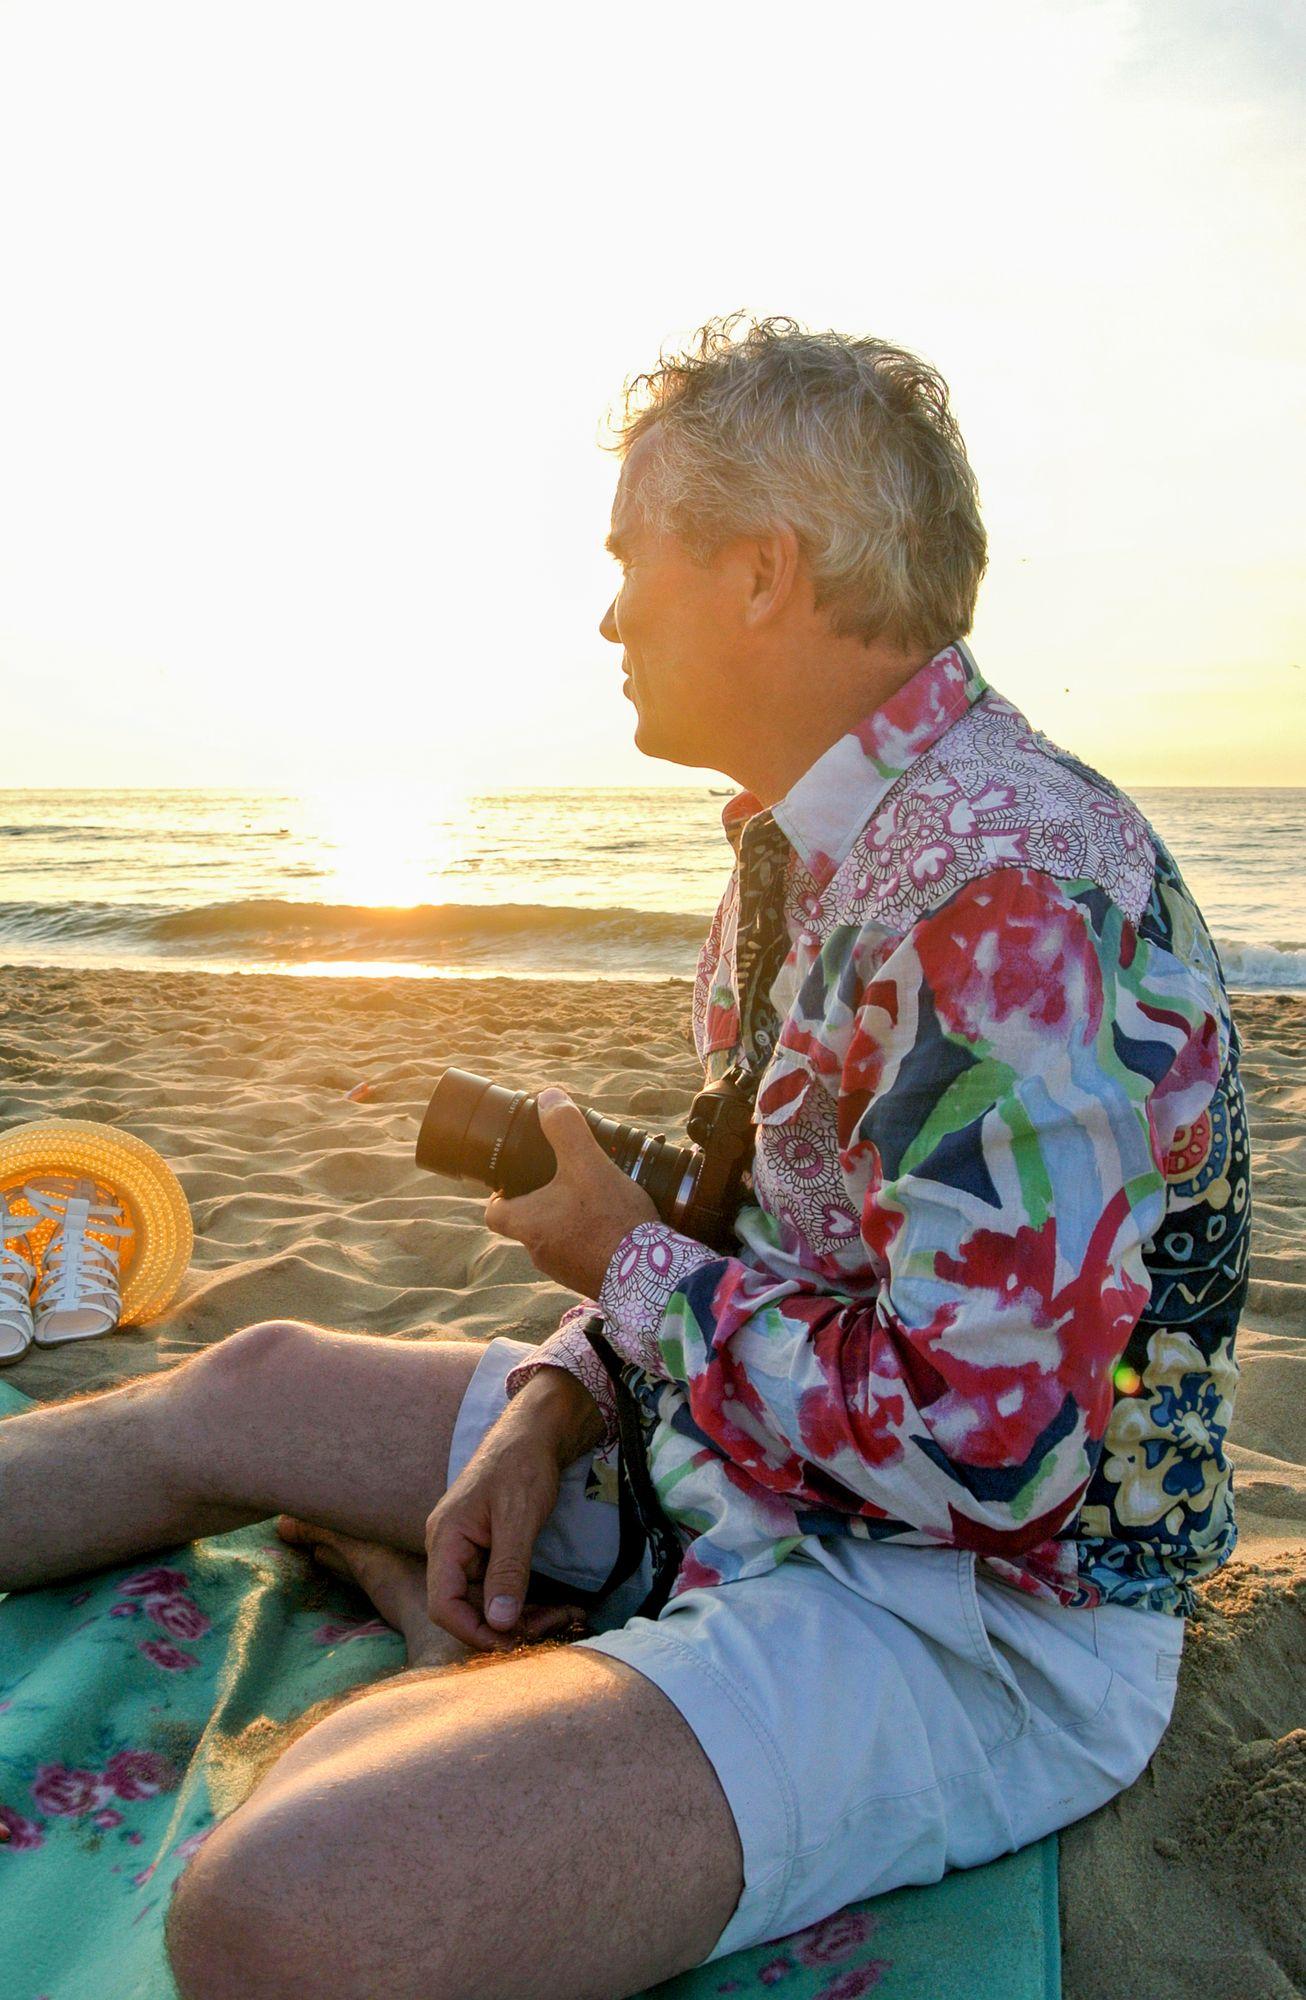 Fotograf Svend Krumnacker 2012 Sony Leica-R